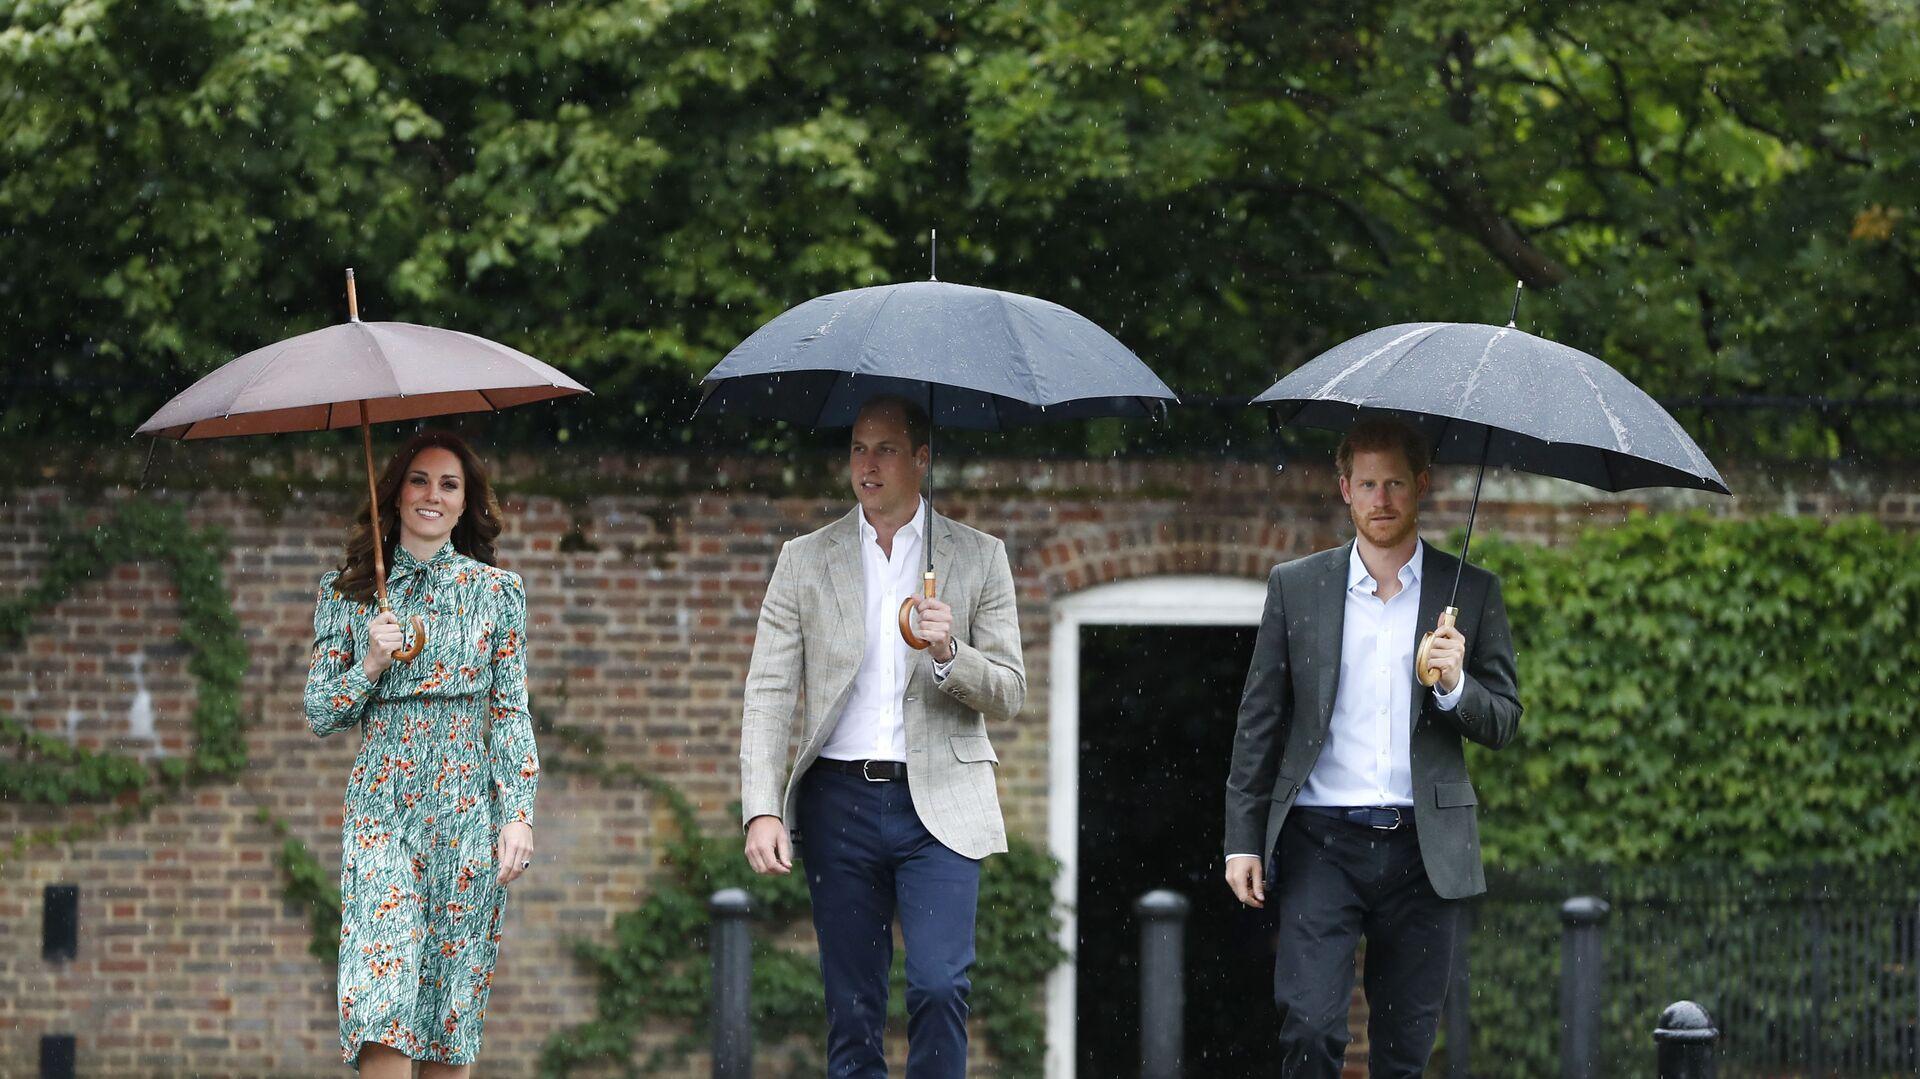 Britský princ William, vévodkyně z Cambridge a princ Harry dorazili na akci v londýnské zahradě Kensington Palace - Sputnik Česká republika, 1920, 01.07.2021